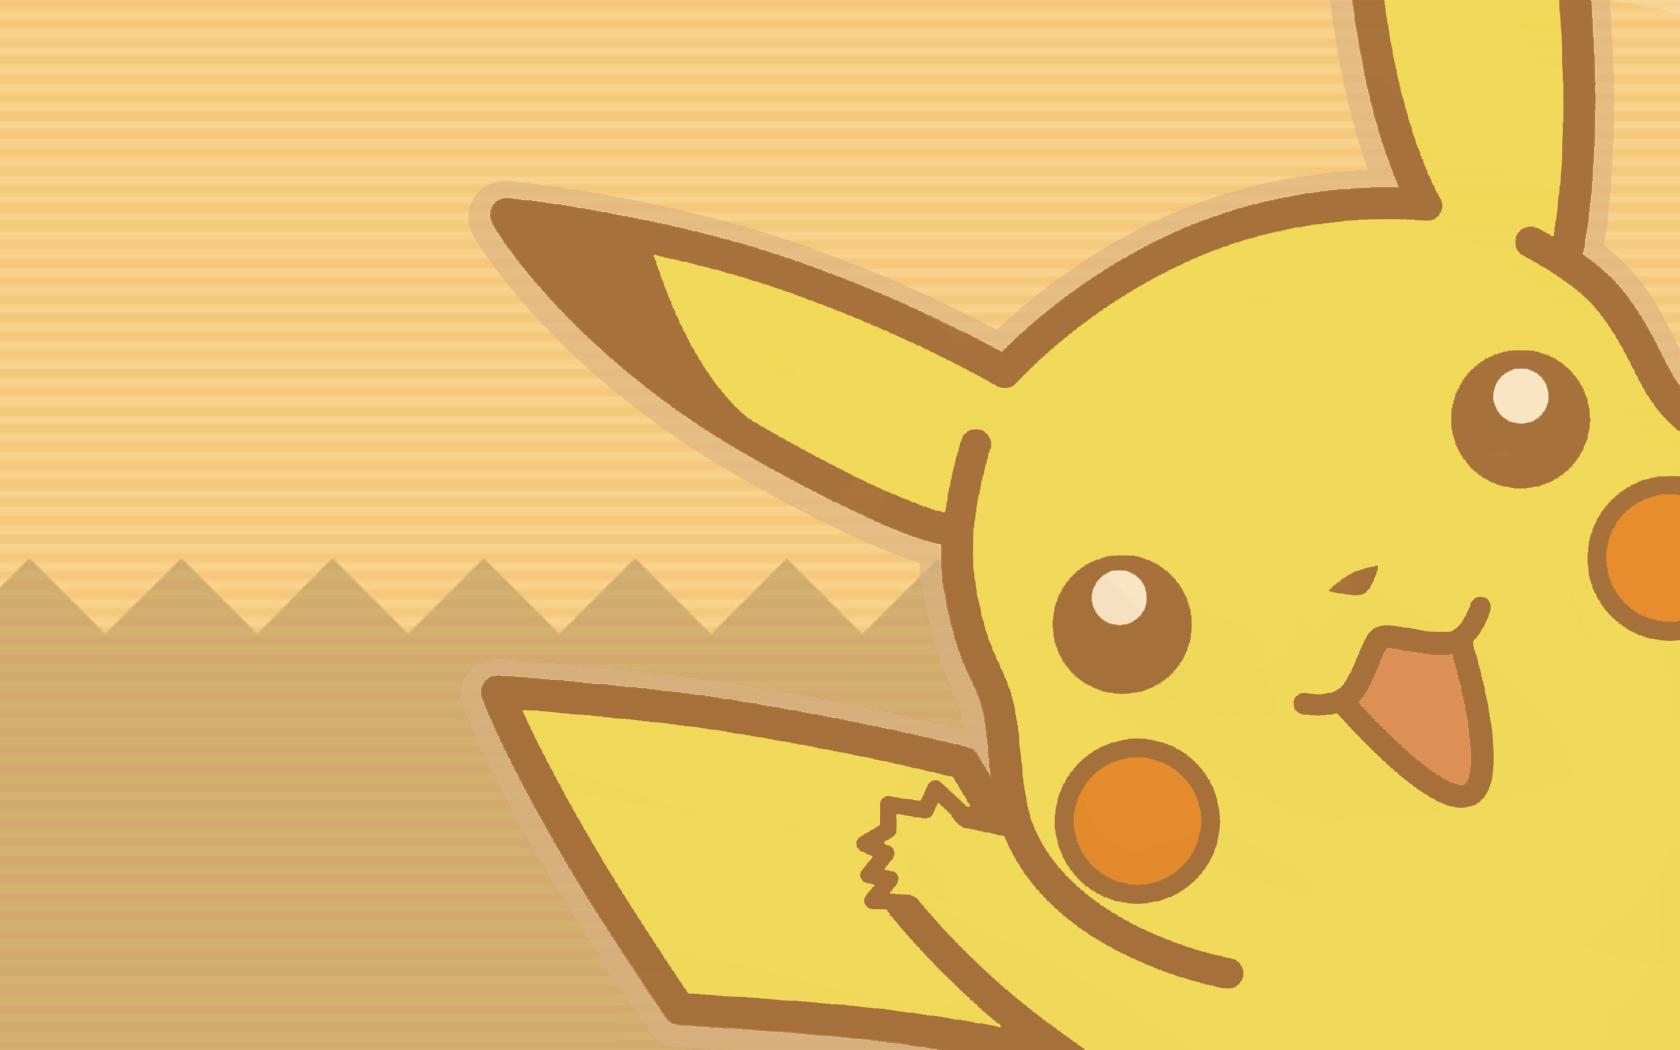 cute pikachu fondo de - photo #21